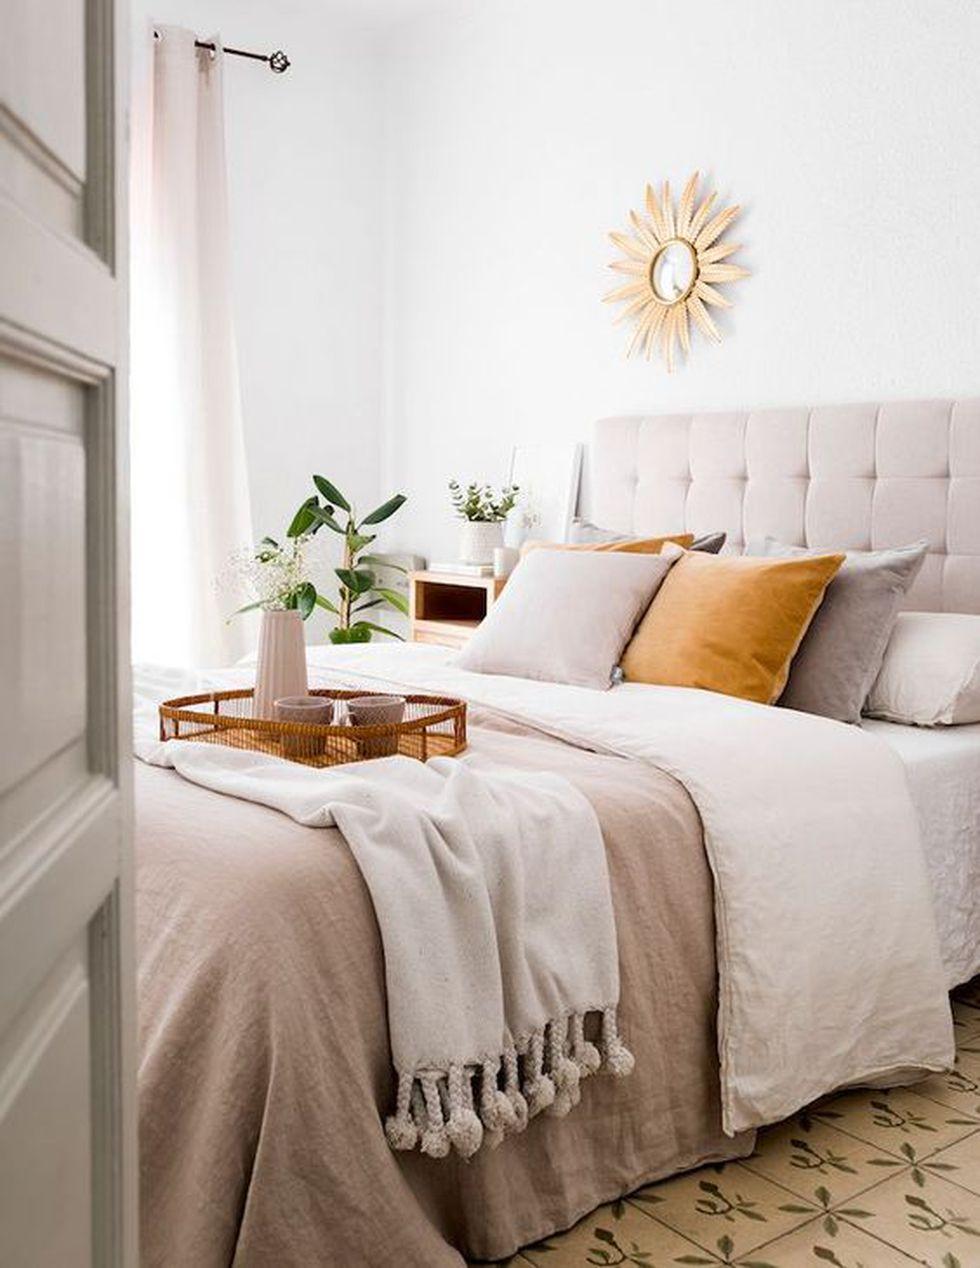 Calma, tranquilidad y armonía es lo que te transmite el lino. (Foto: Pinterest Kenayhome)